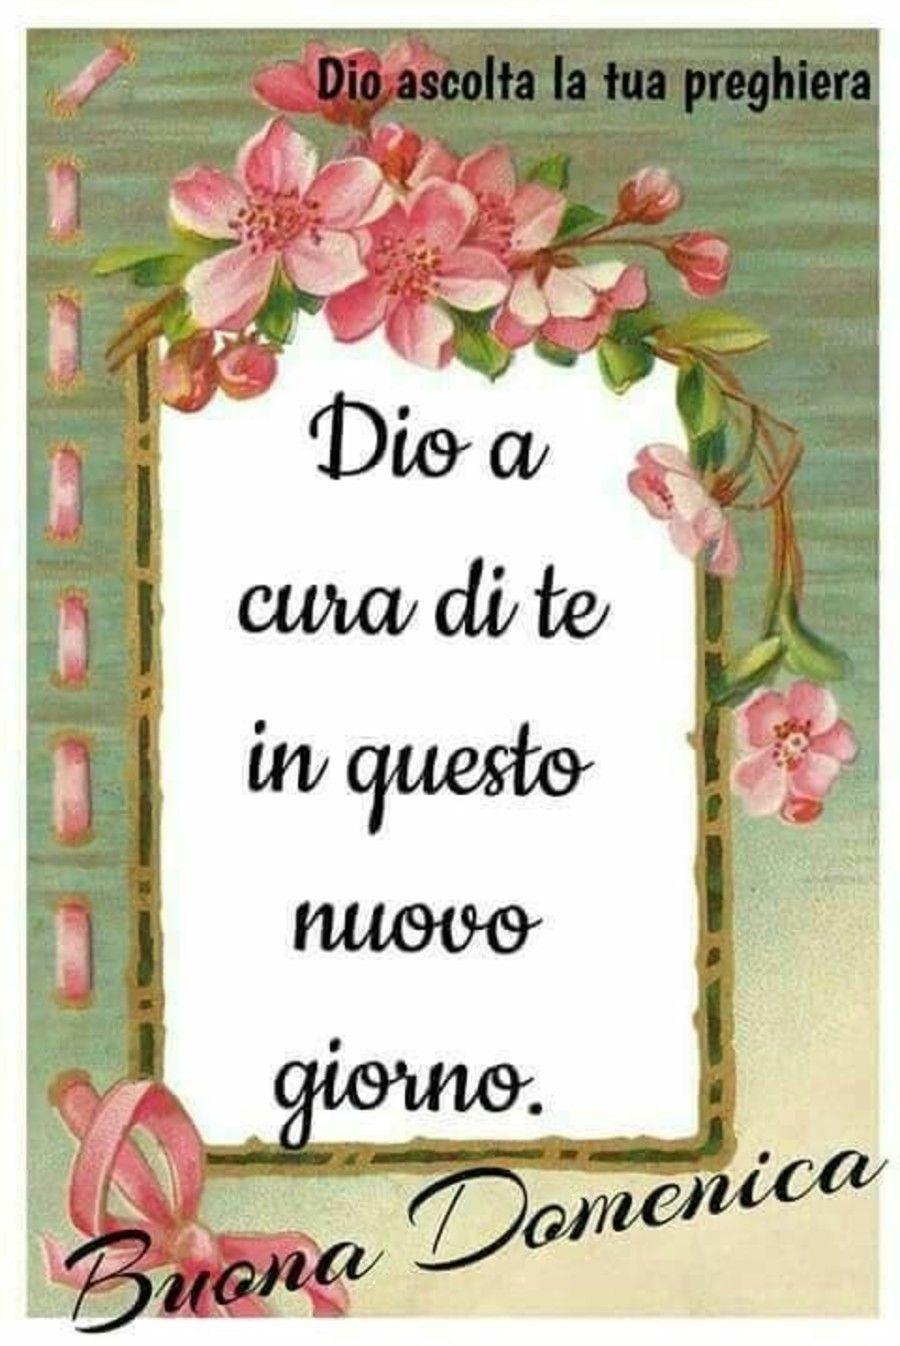 Buona domenica con frasi religiose 1 buongiorno quotes for Foto belle di buongiorno